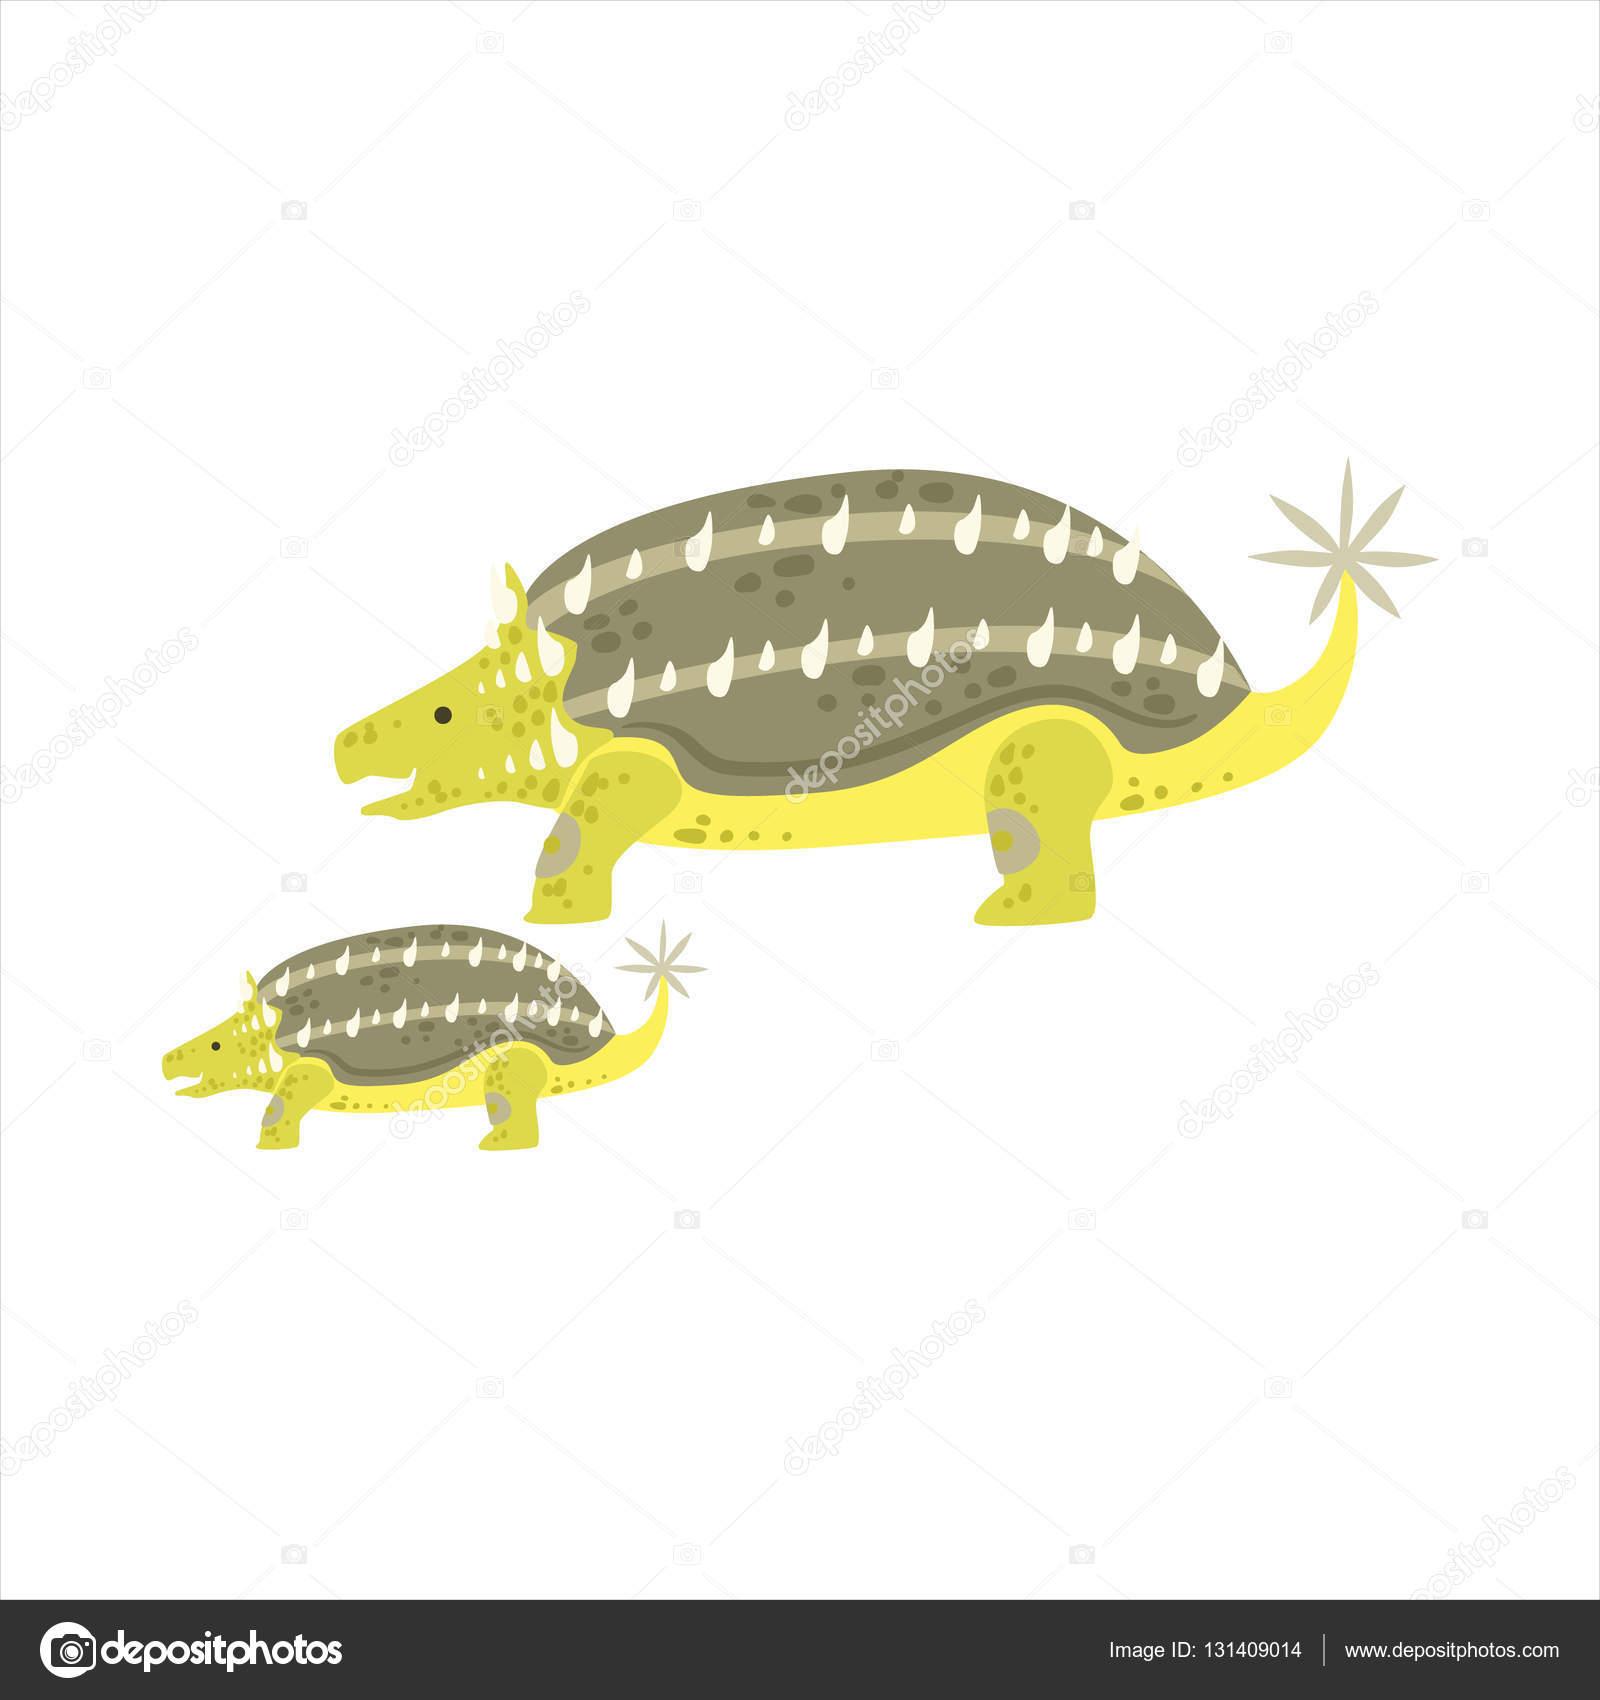 Ankylosaurus Dinosaurier prähistorische Monster paar ähnliche Probe ...